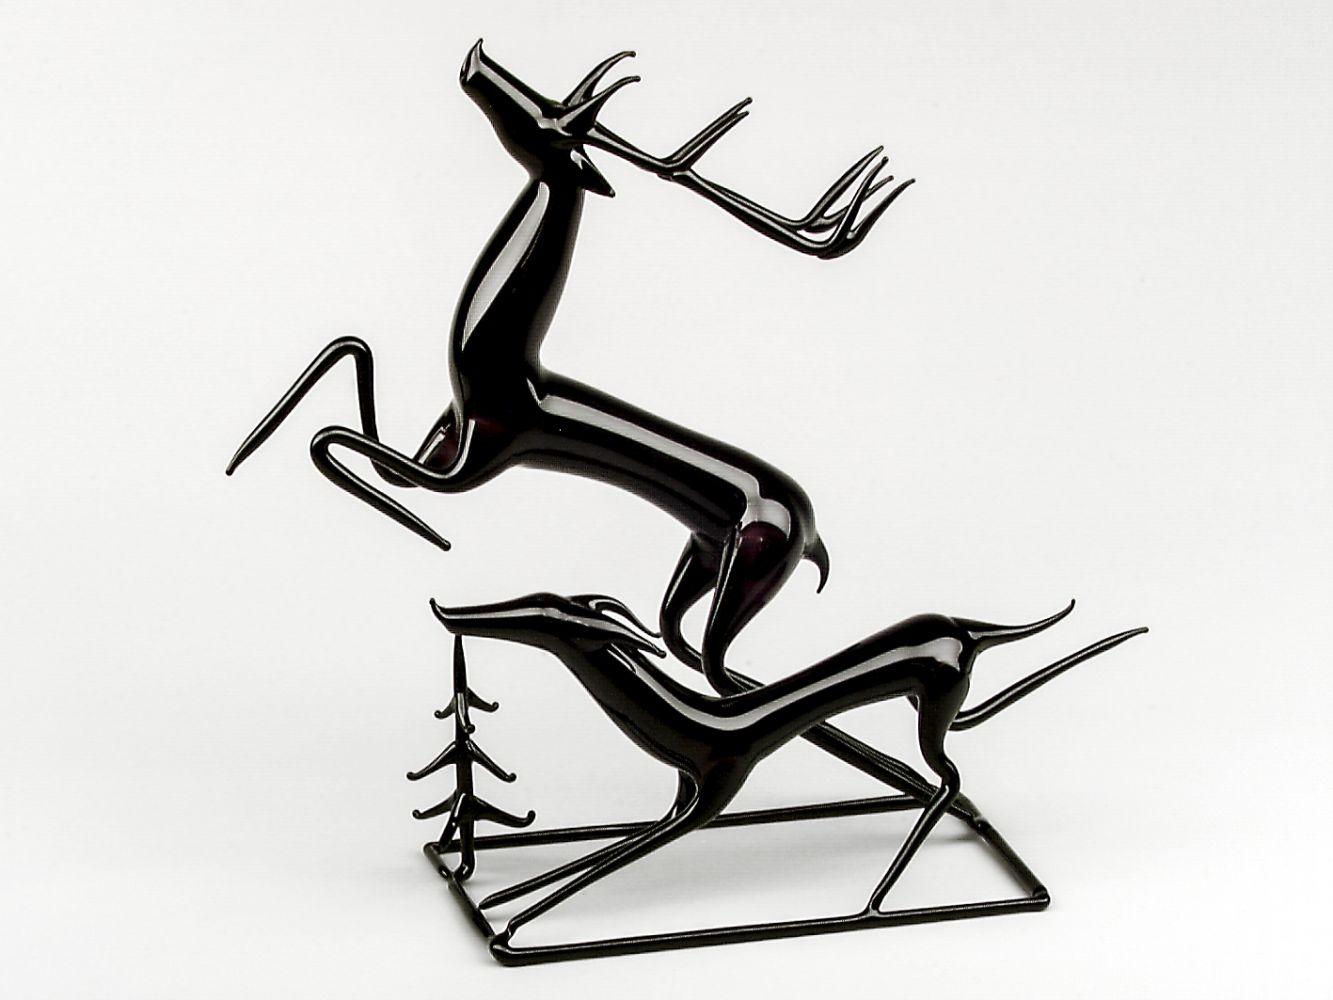 Obrázek v galerii pro Sobotka - figurky